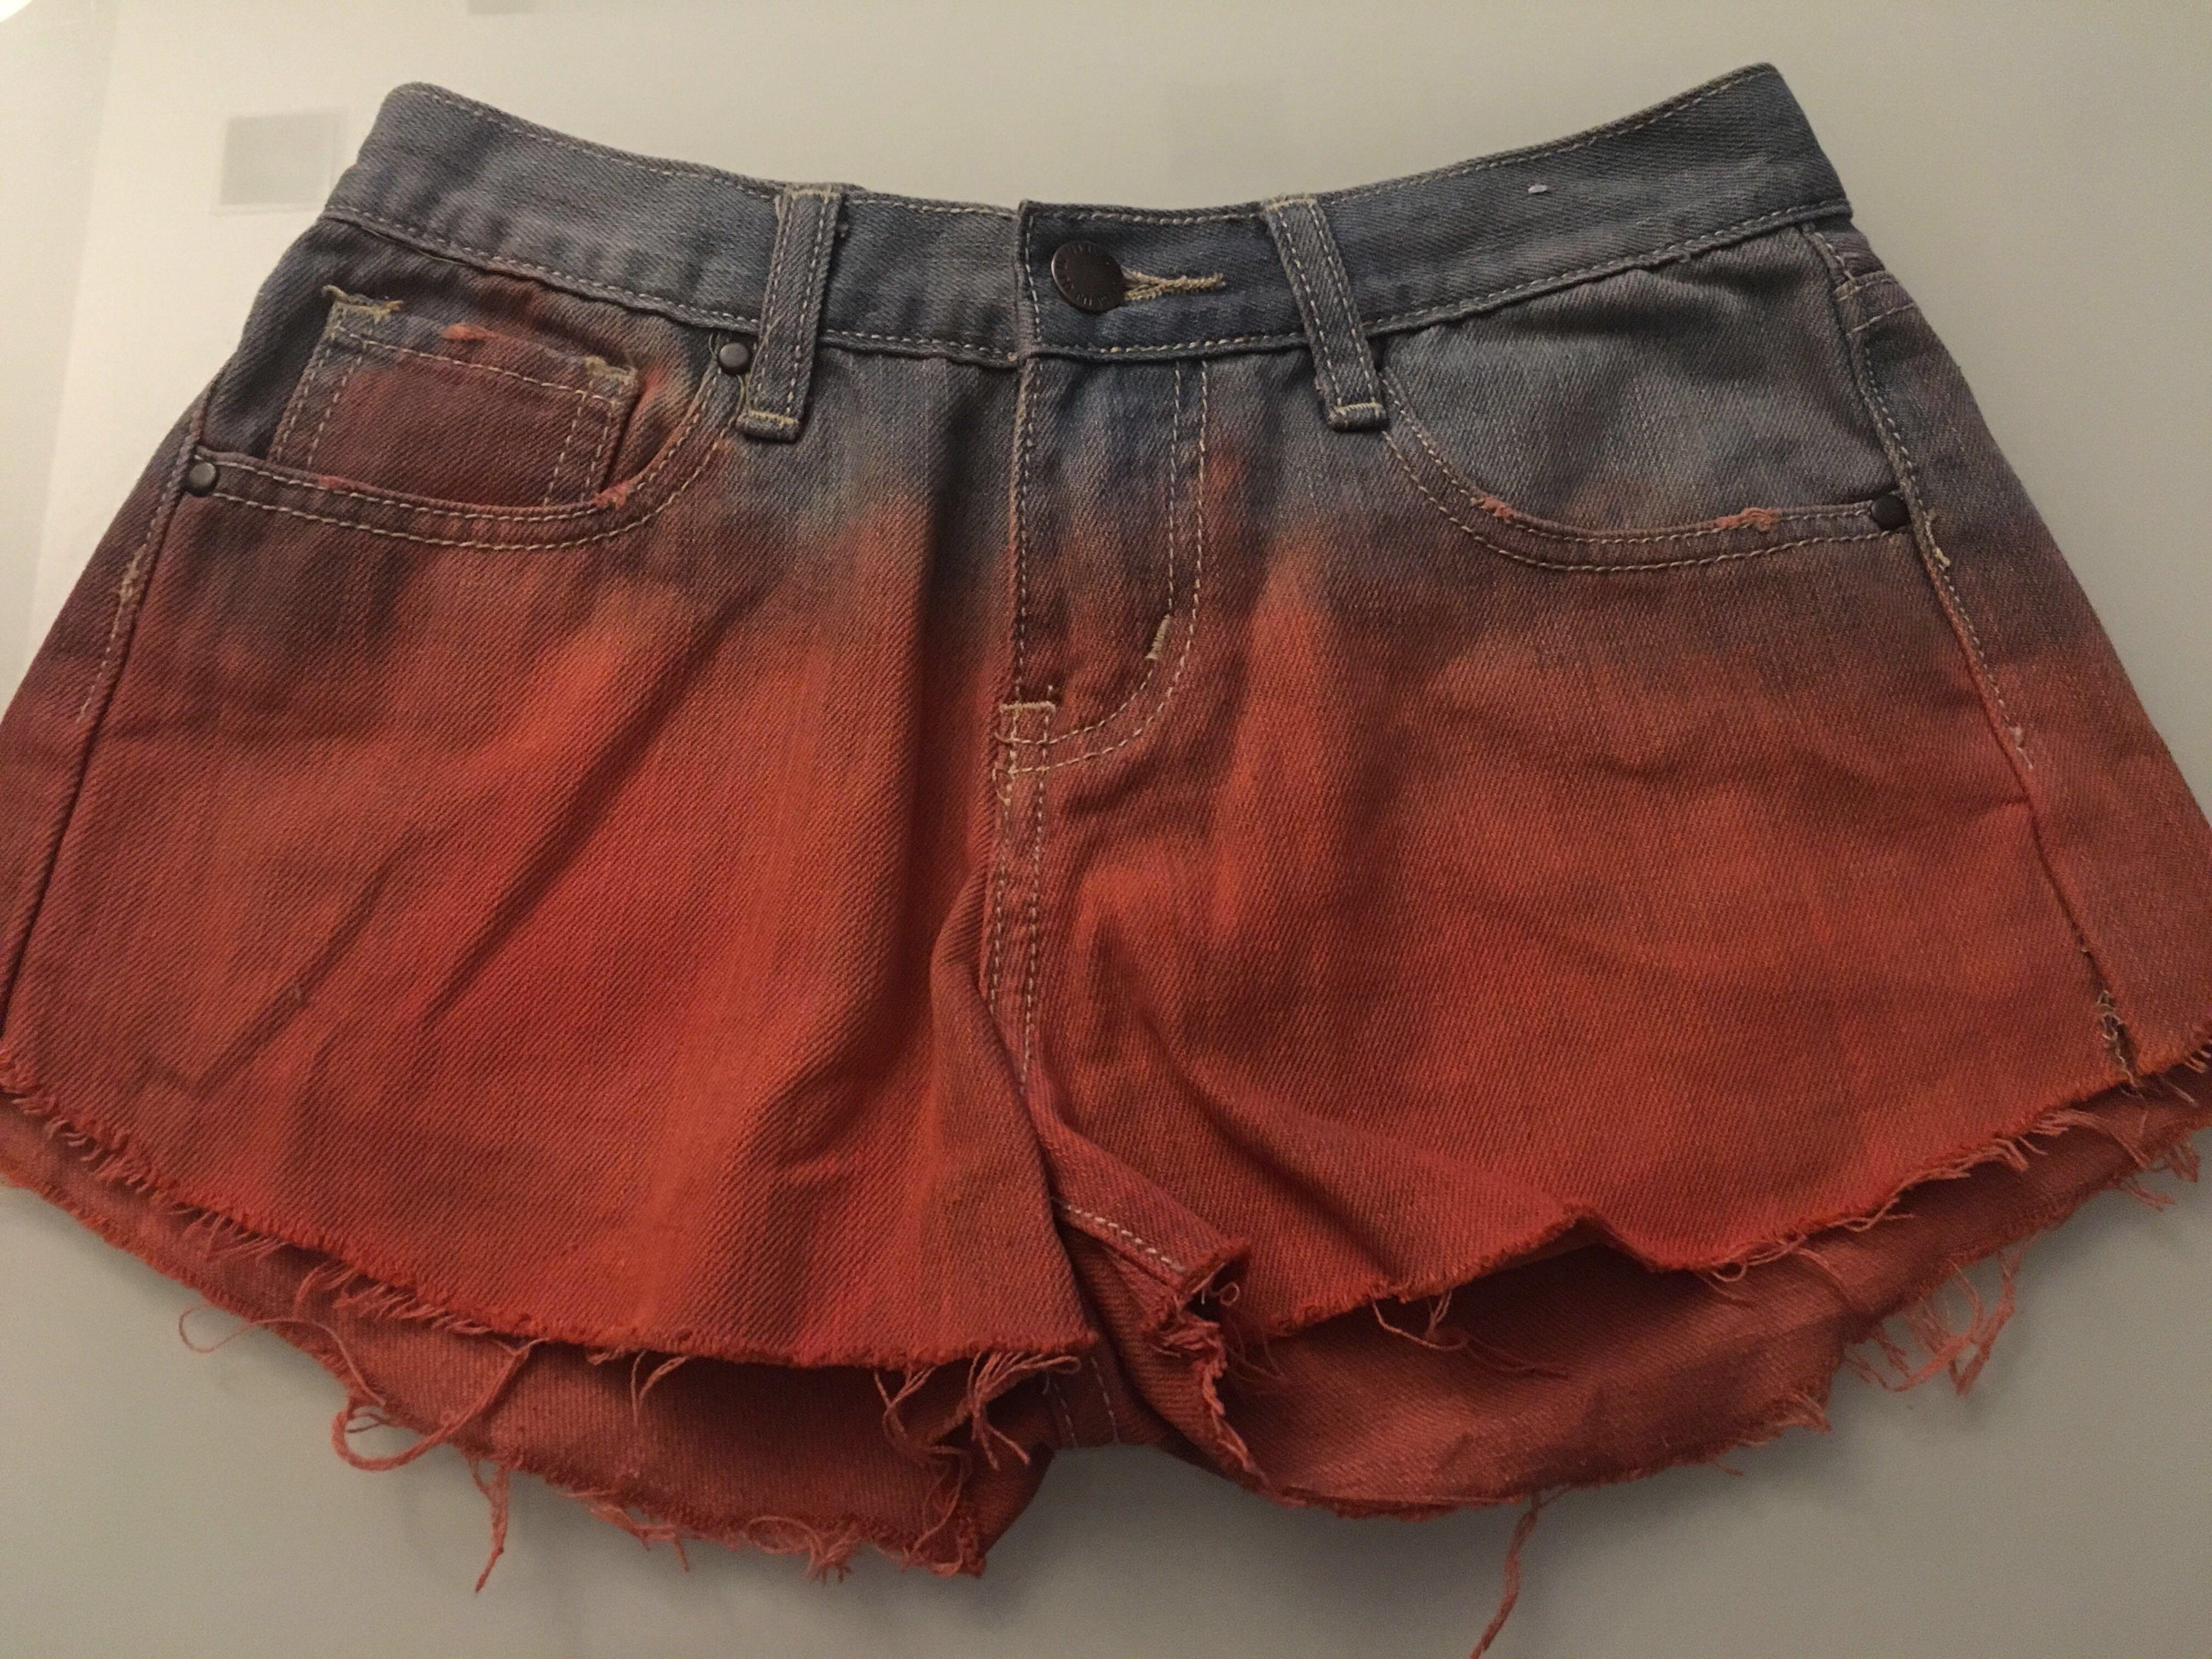 88a6760d73 Uniqlo Jeans Ombré denim Shorts